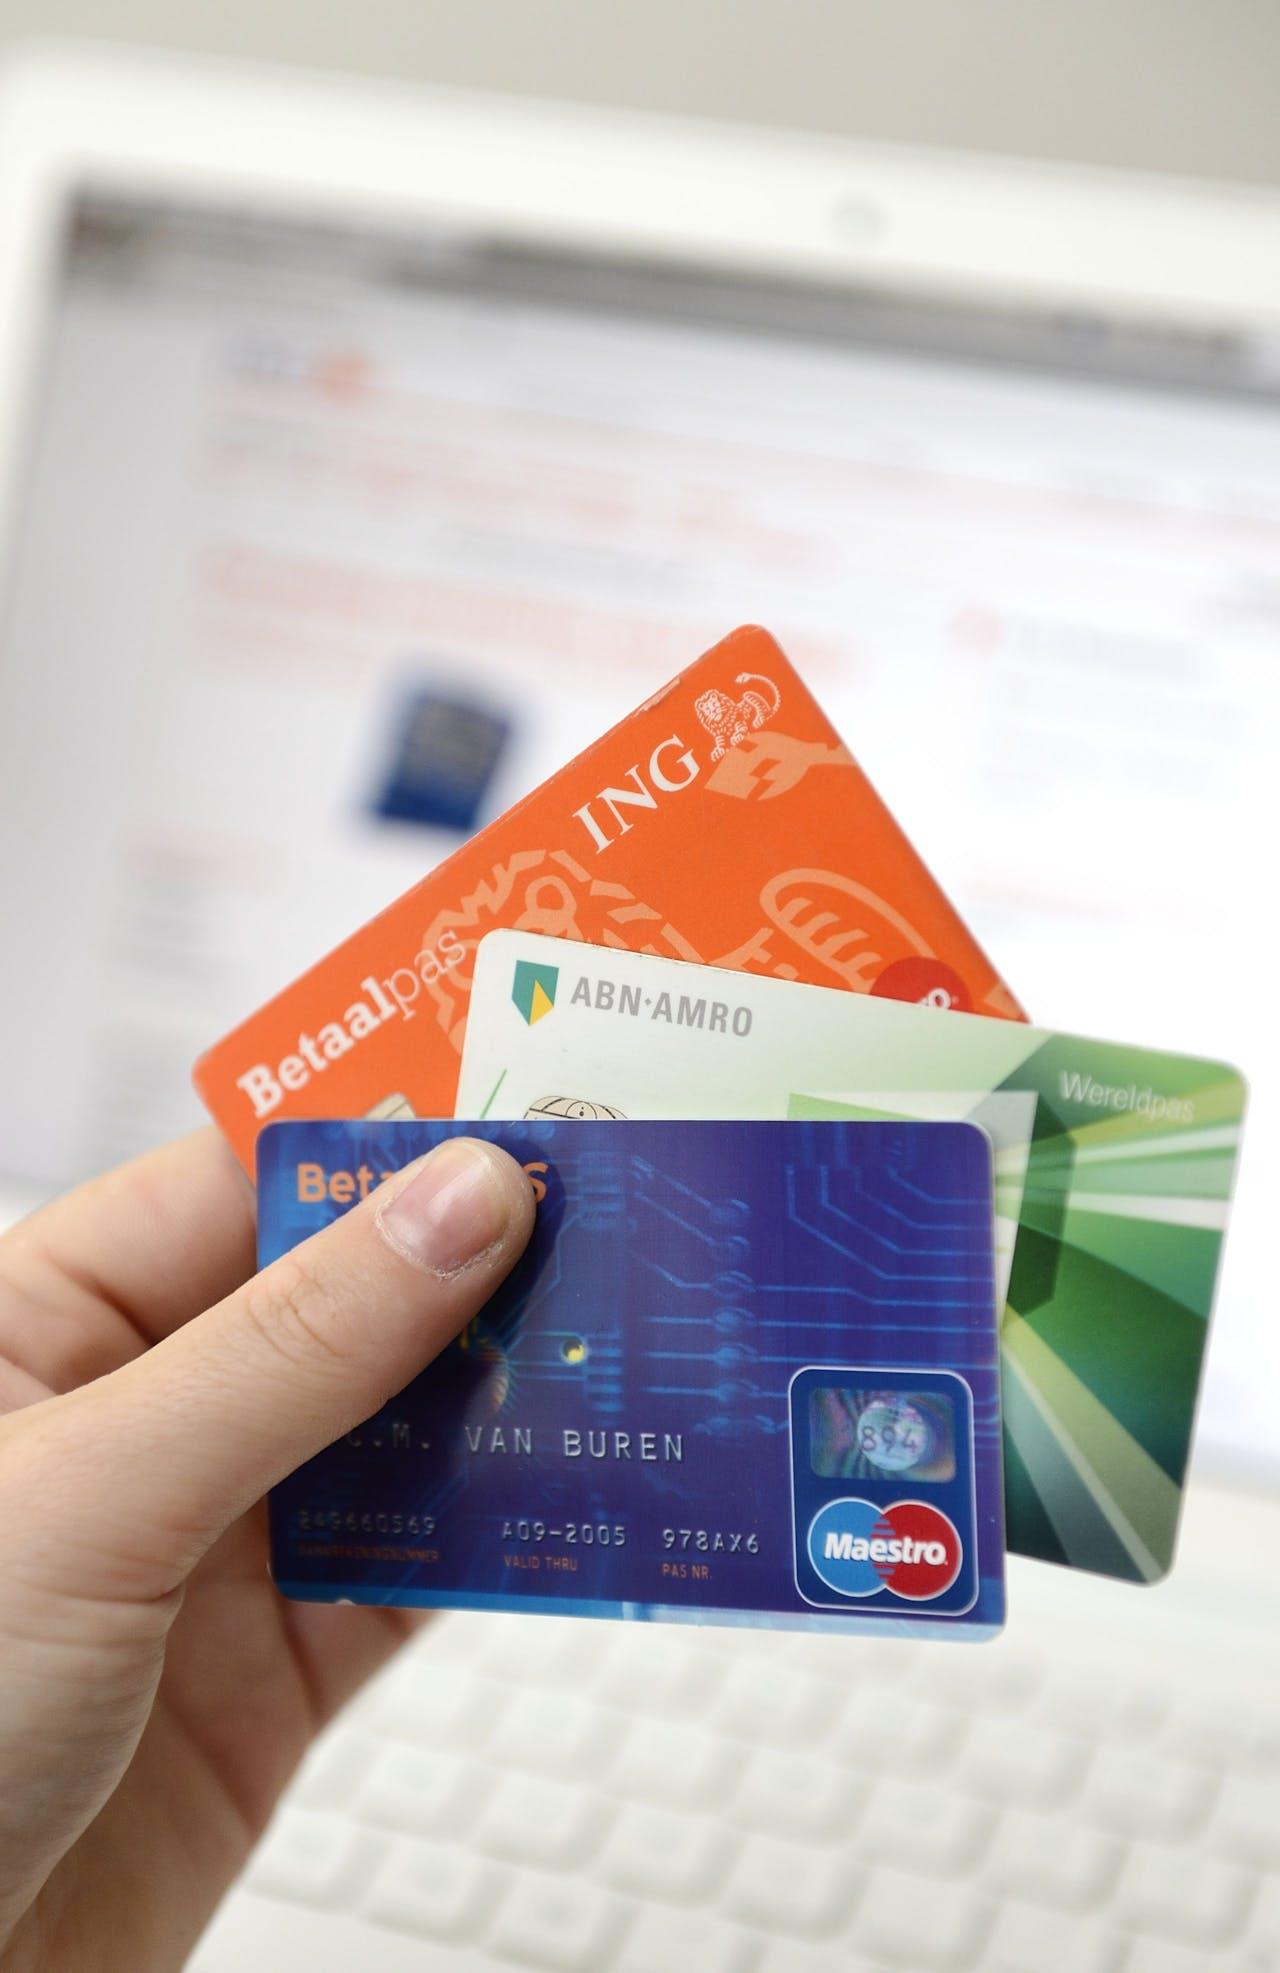 Internetbankieren met betaalpassen en een laptop.